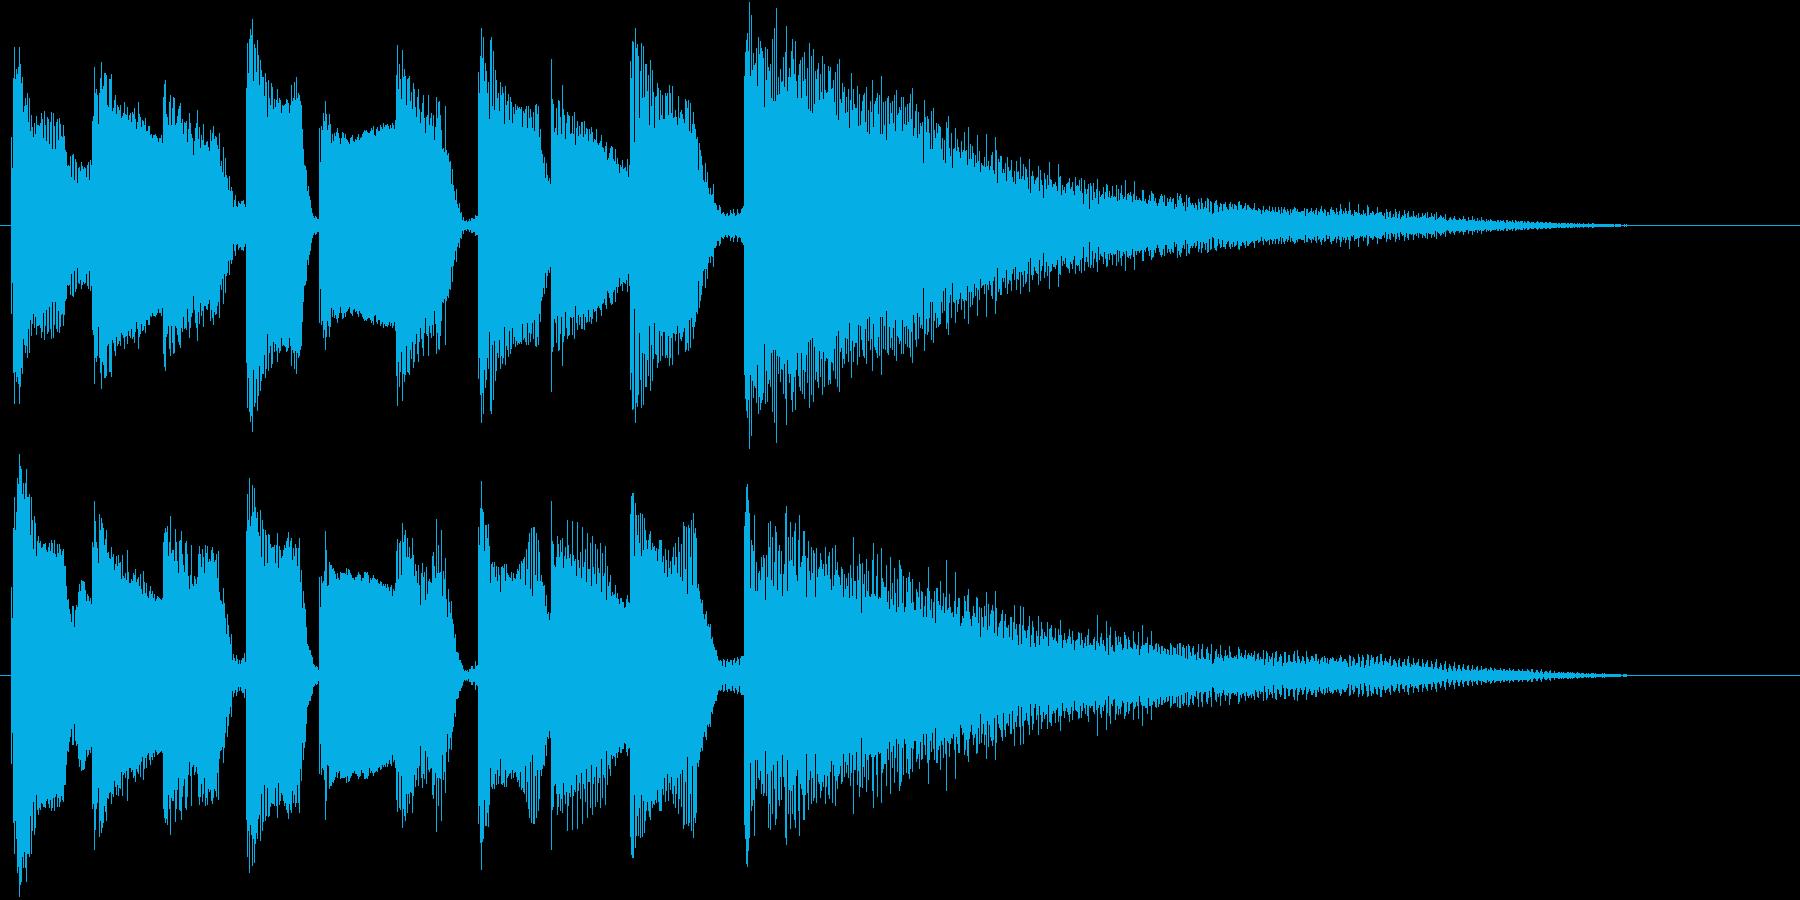 ブルースフレーズを用いたジングル用2の再生済みの波形